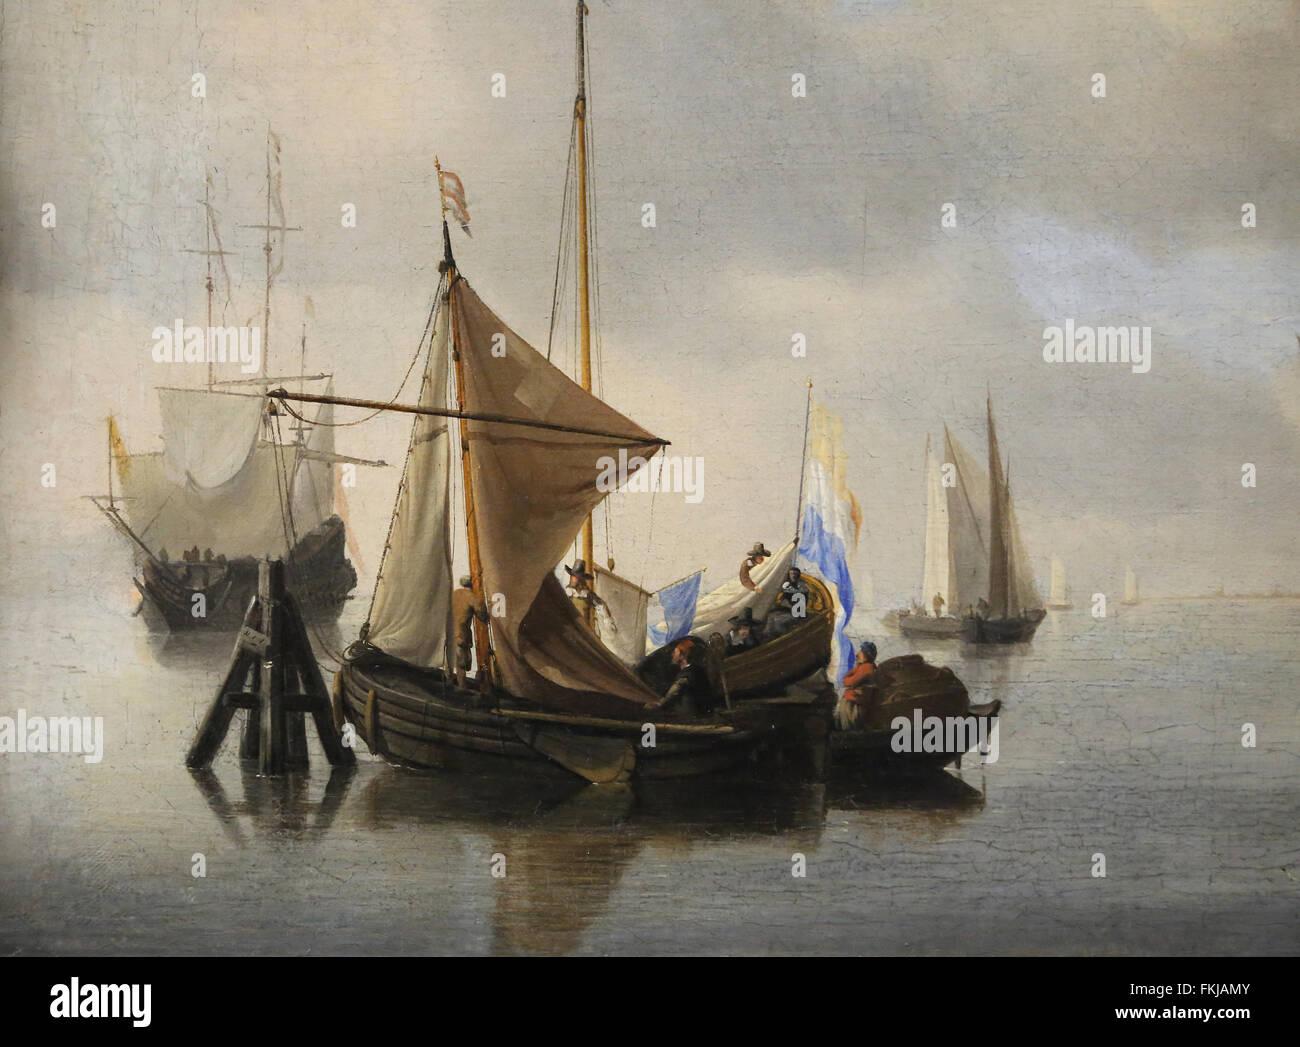 Willem van de Velden der jüngere (1633-1707). Niederländische marine Maler. Marine ruhigem Wetter, 1653. Stockbild